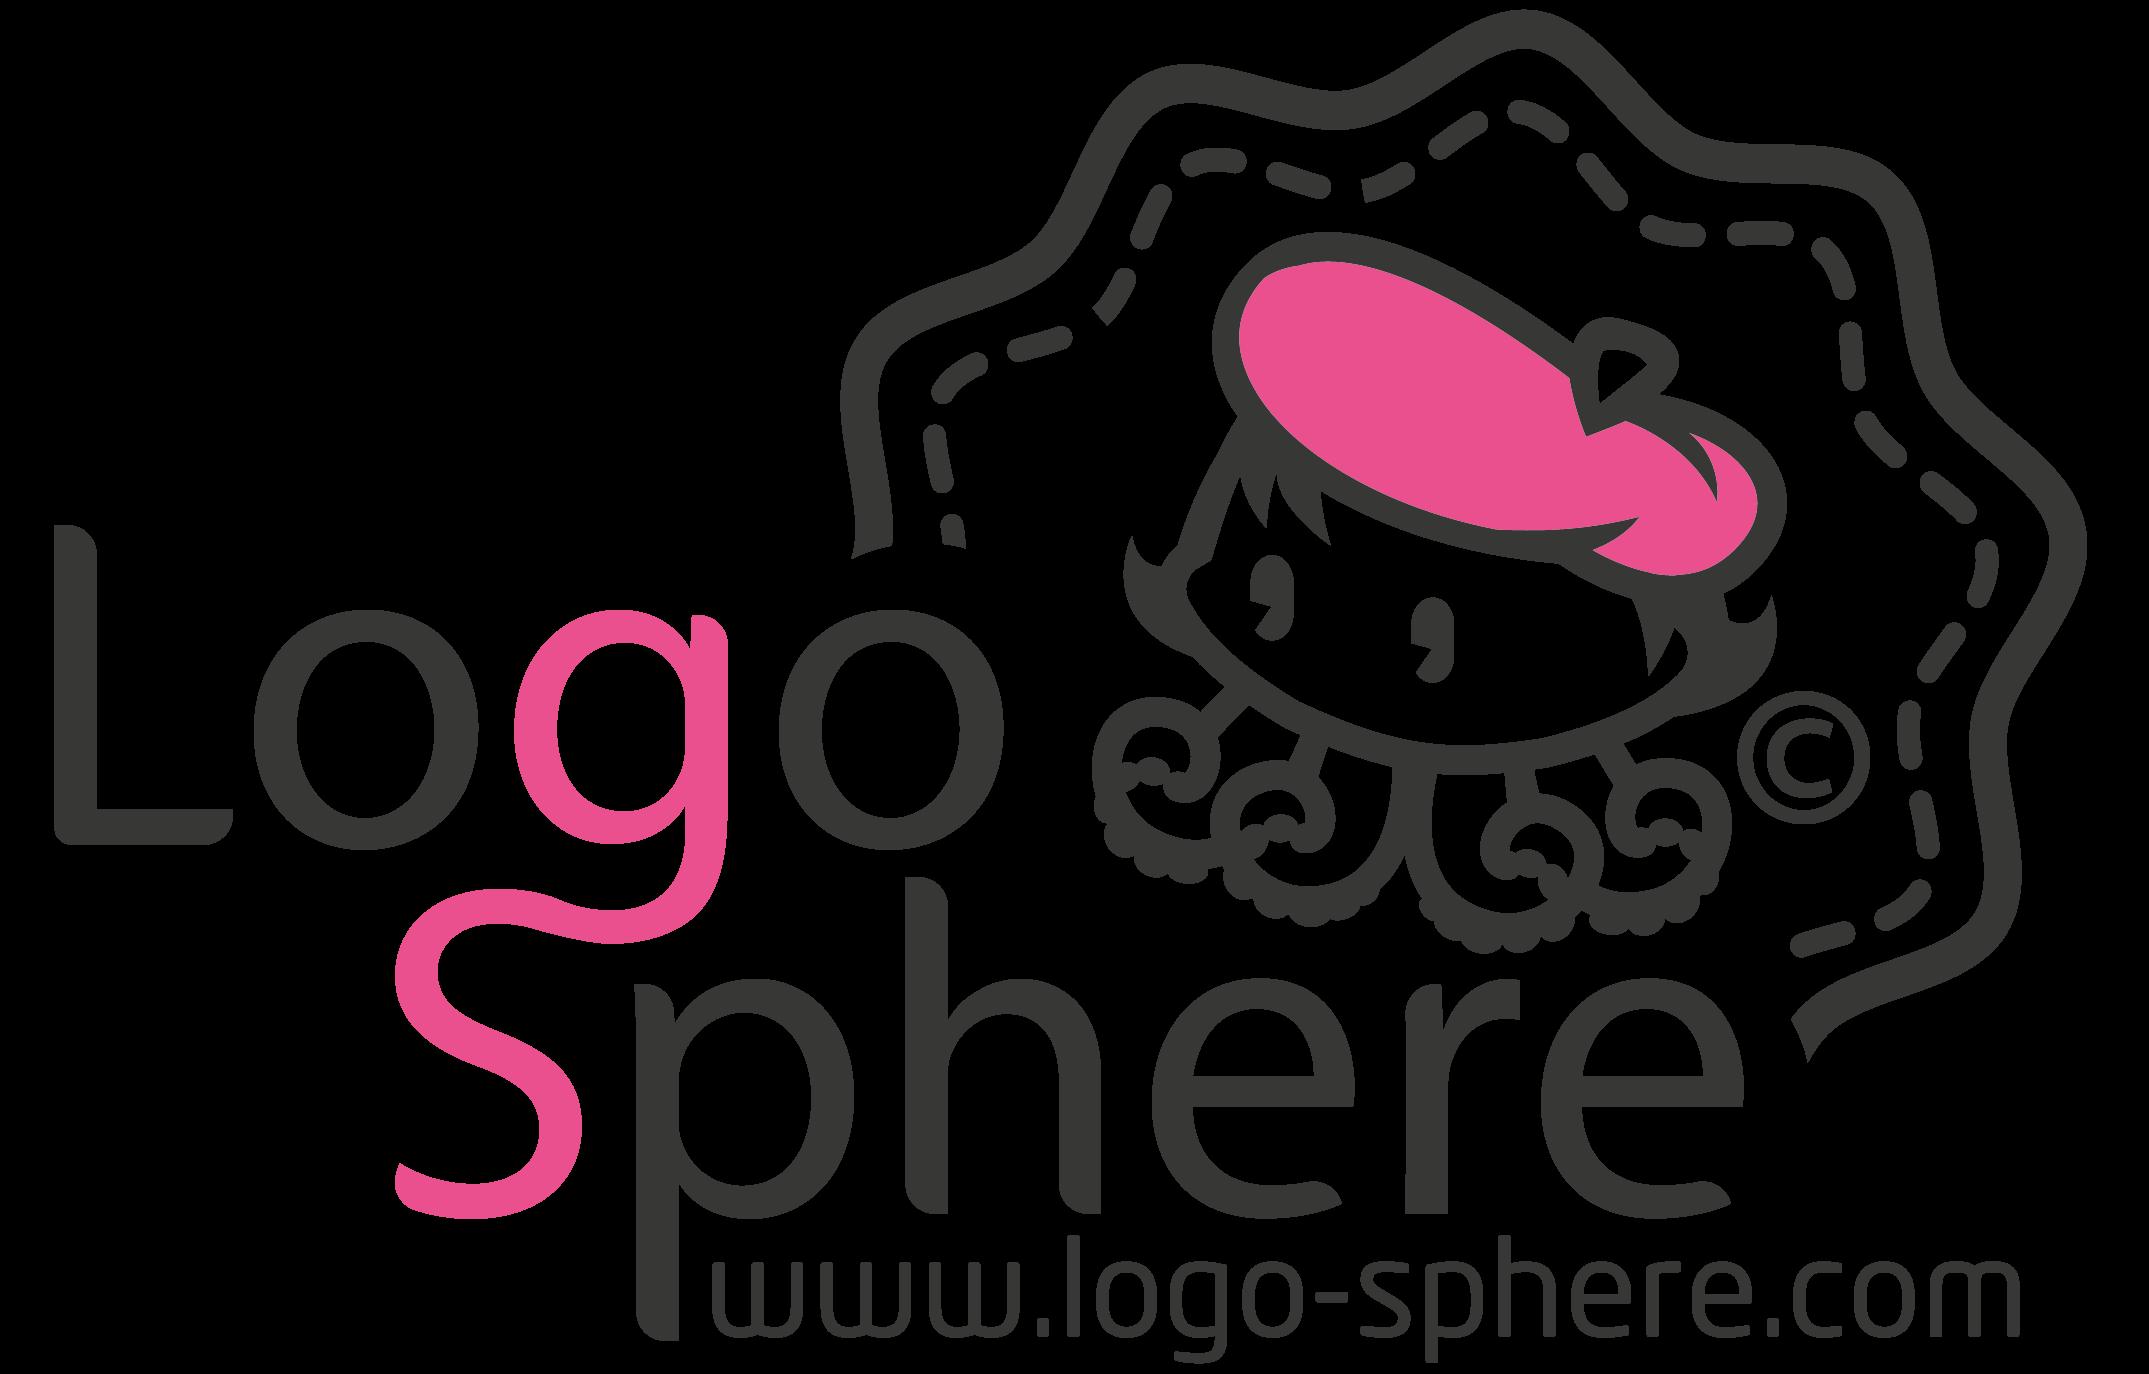 Logo'Sphere